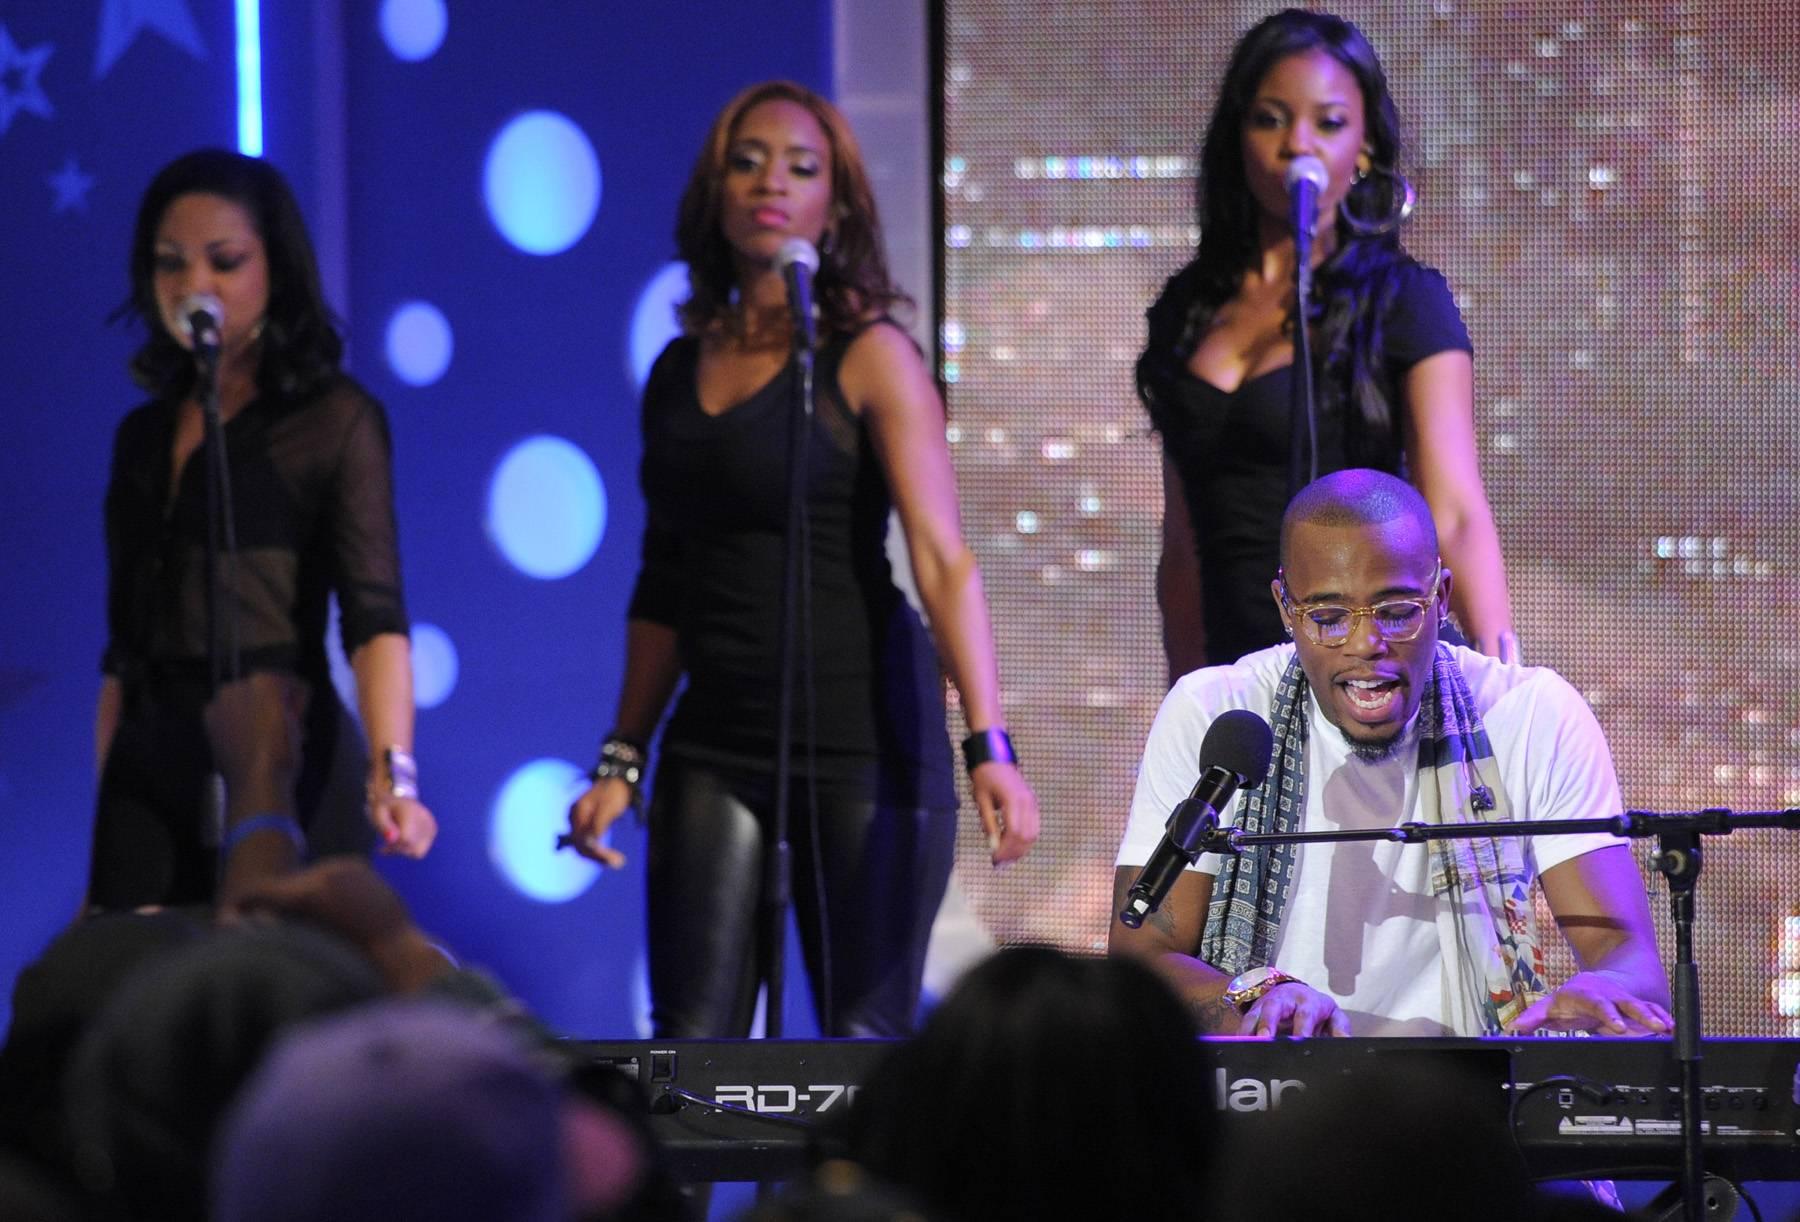 Playing Like a Pro - B.o.B performs at 106 & Park, May 1, 2012. (Photo: John Ricard / BET)